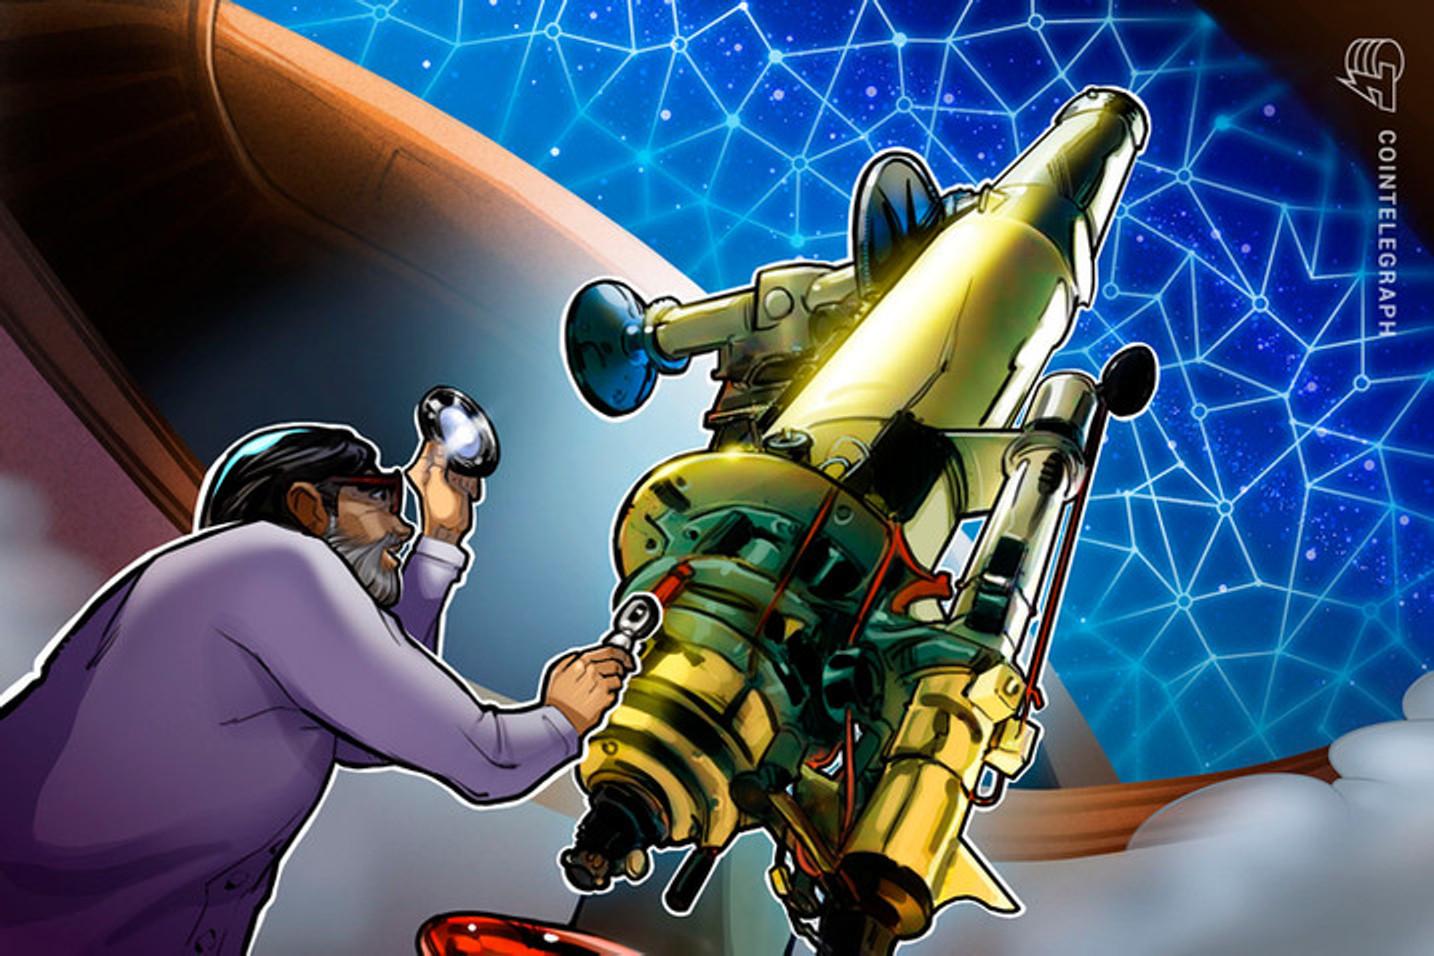 Nem Bitcoin, nem ouro, exploração espacial será o investimento de maior retorno revela ex-cientista da Nasa